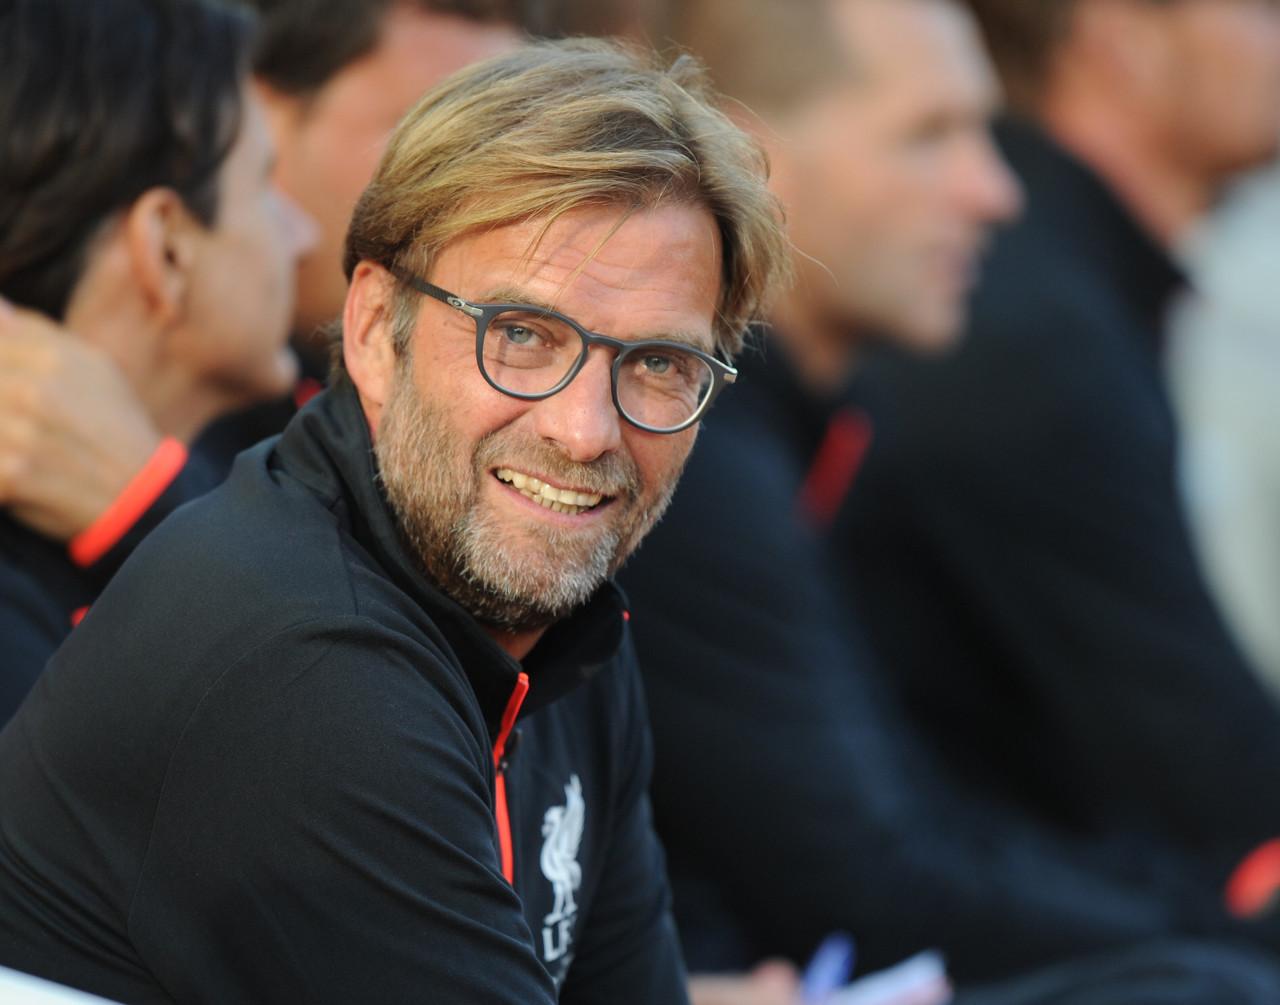 利物浦CEO称球队回到王座,克洛普:不知道这词是啥意思